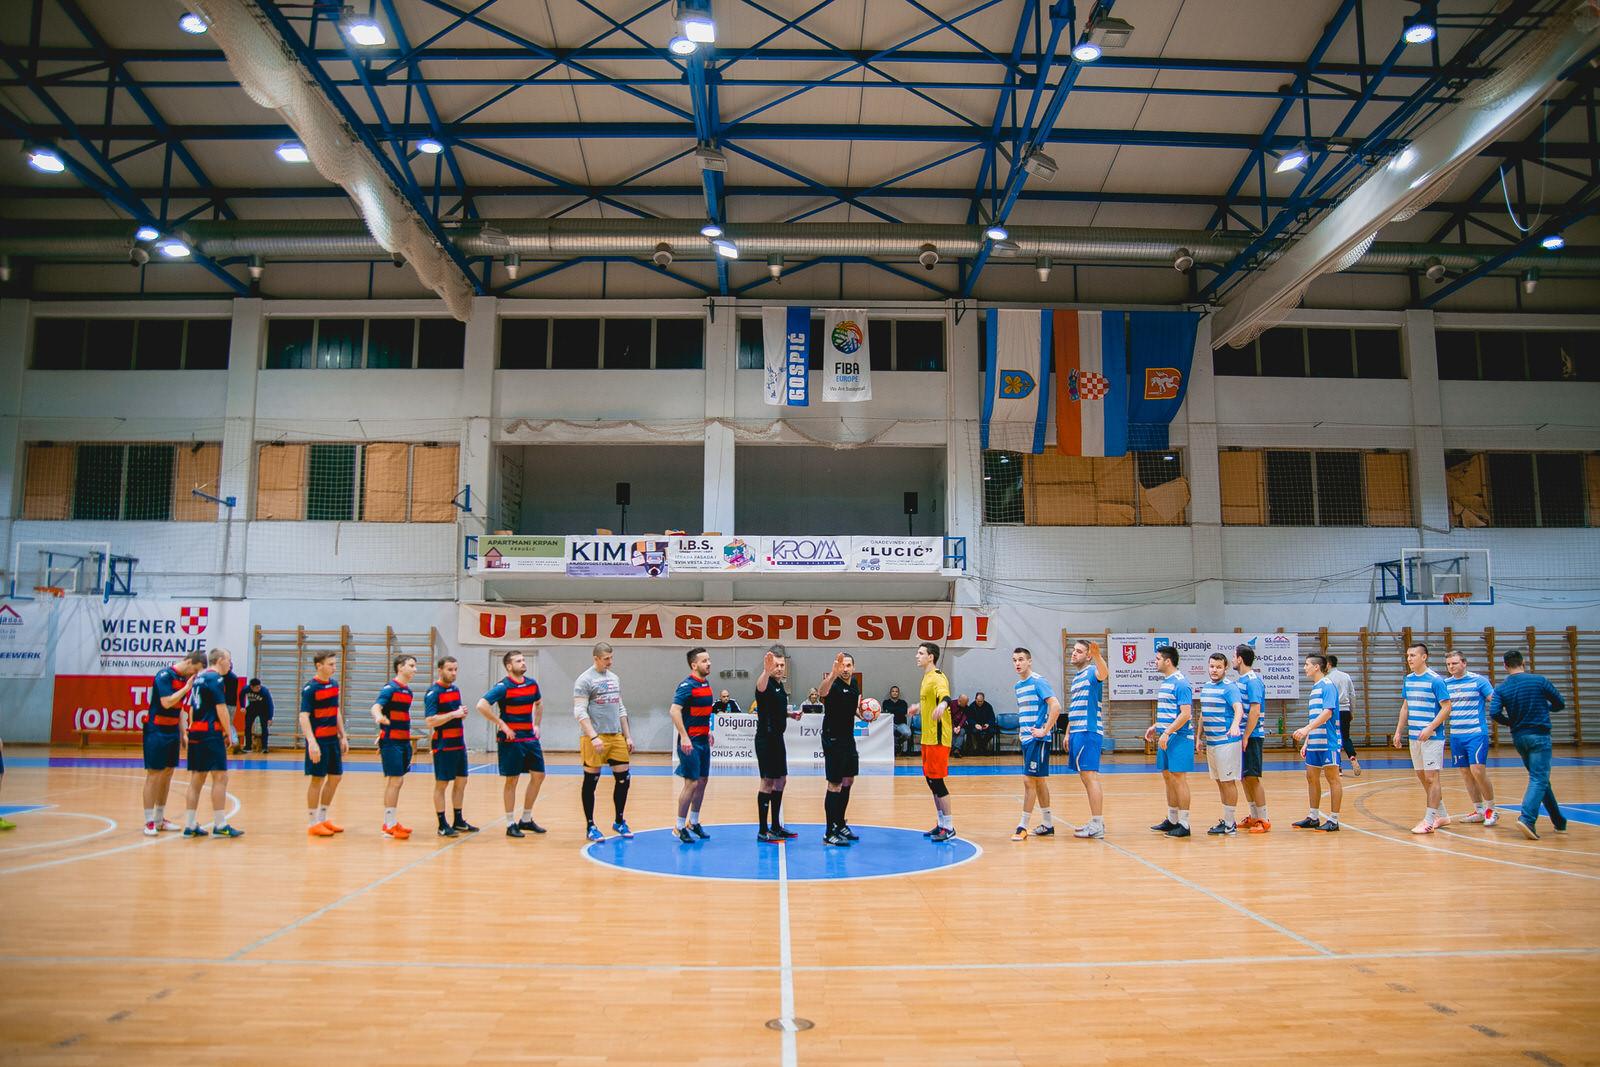 likaclub_gospić_zimski-malonogometni-turnir-2018-19-21